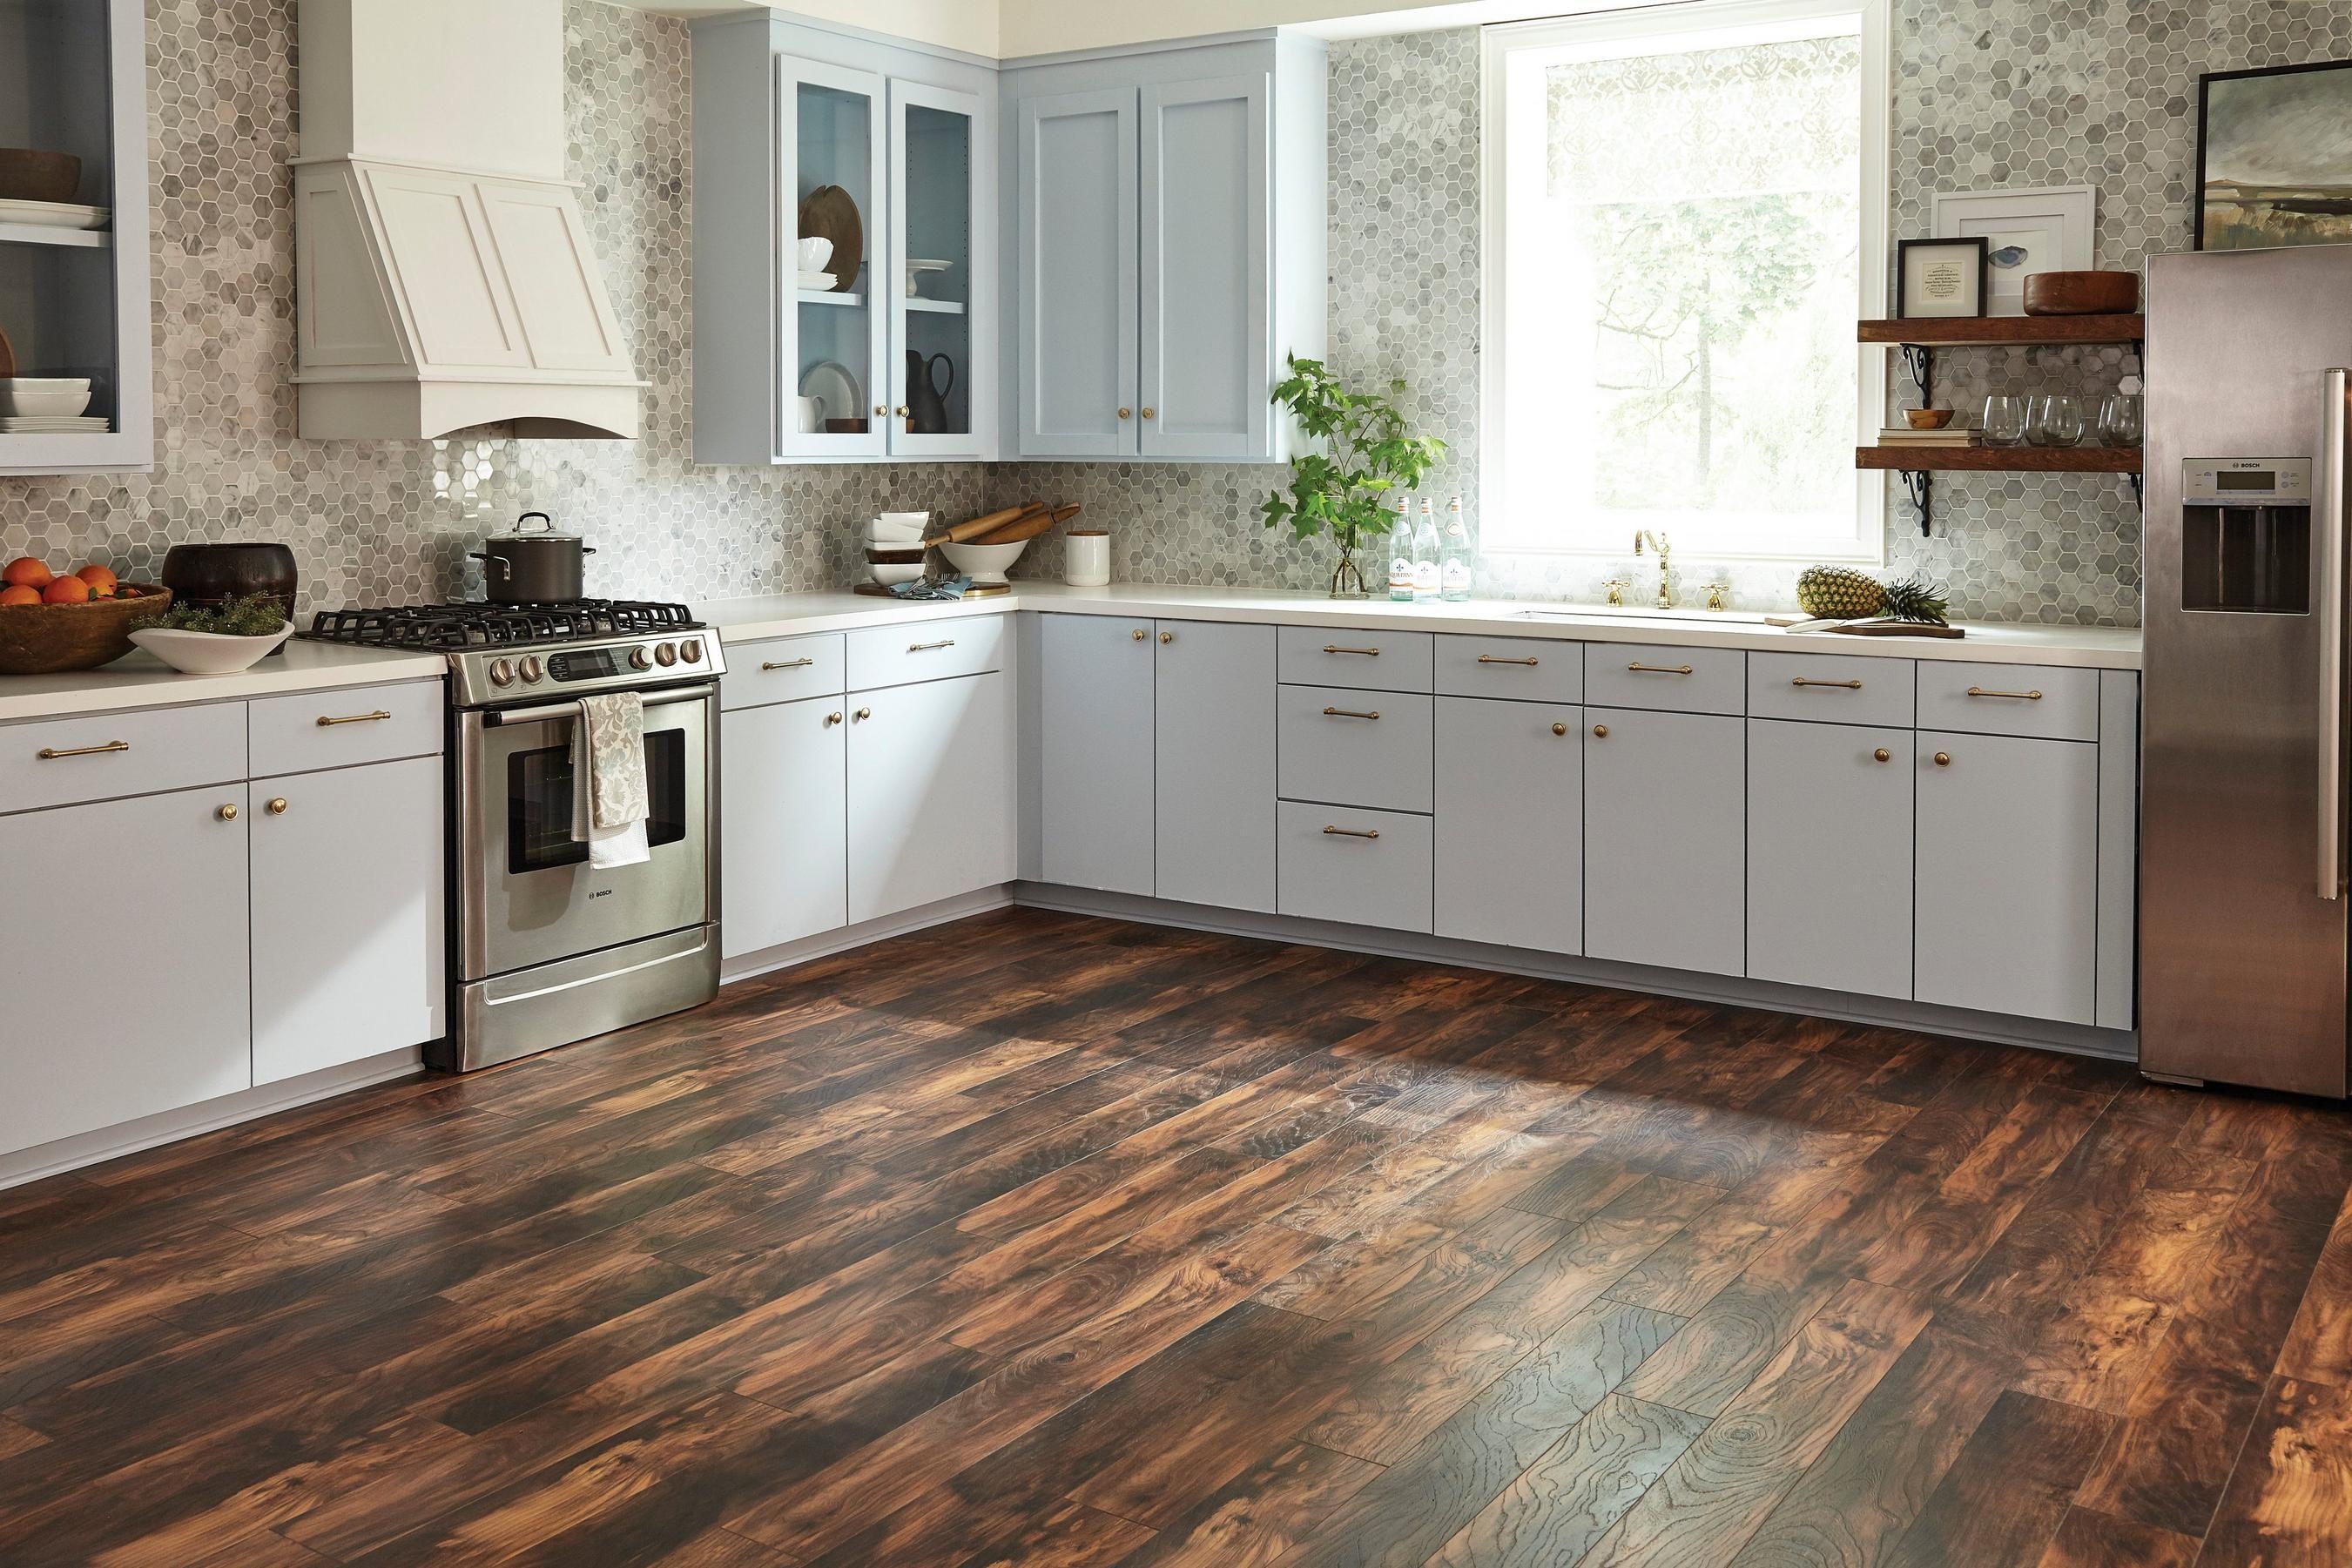 Kitchen Gallery  Floor & Decor  Floor decor, Kitchen cabinet